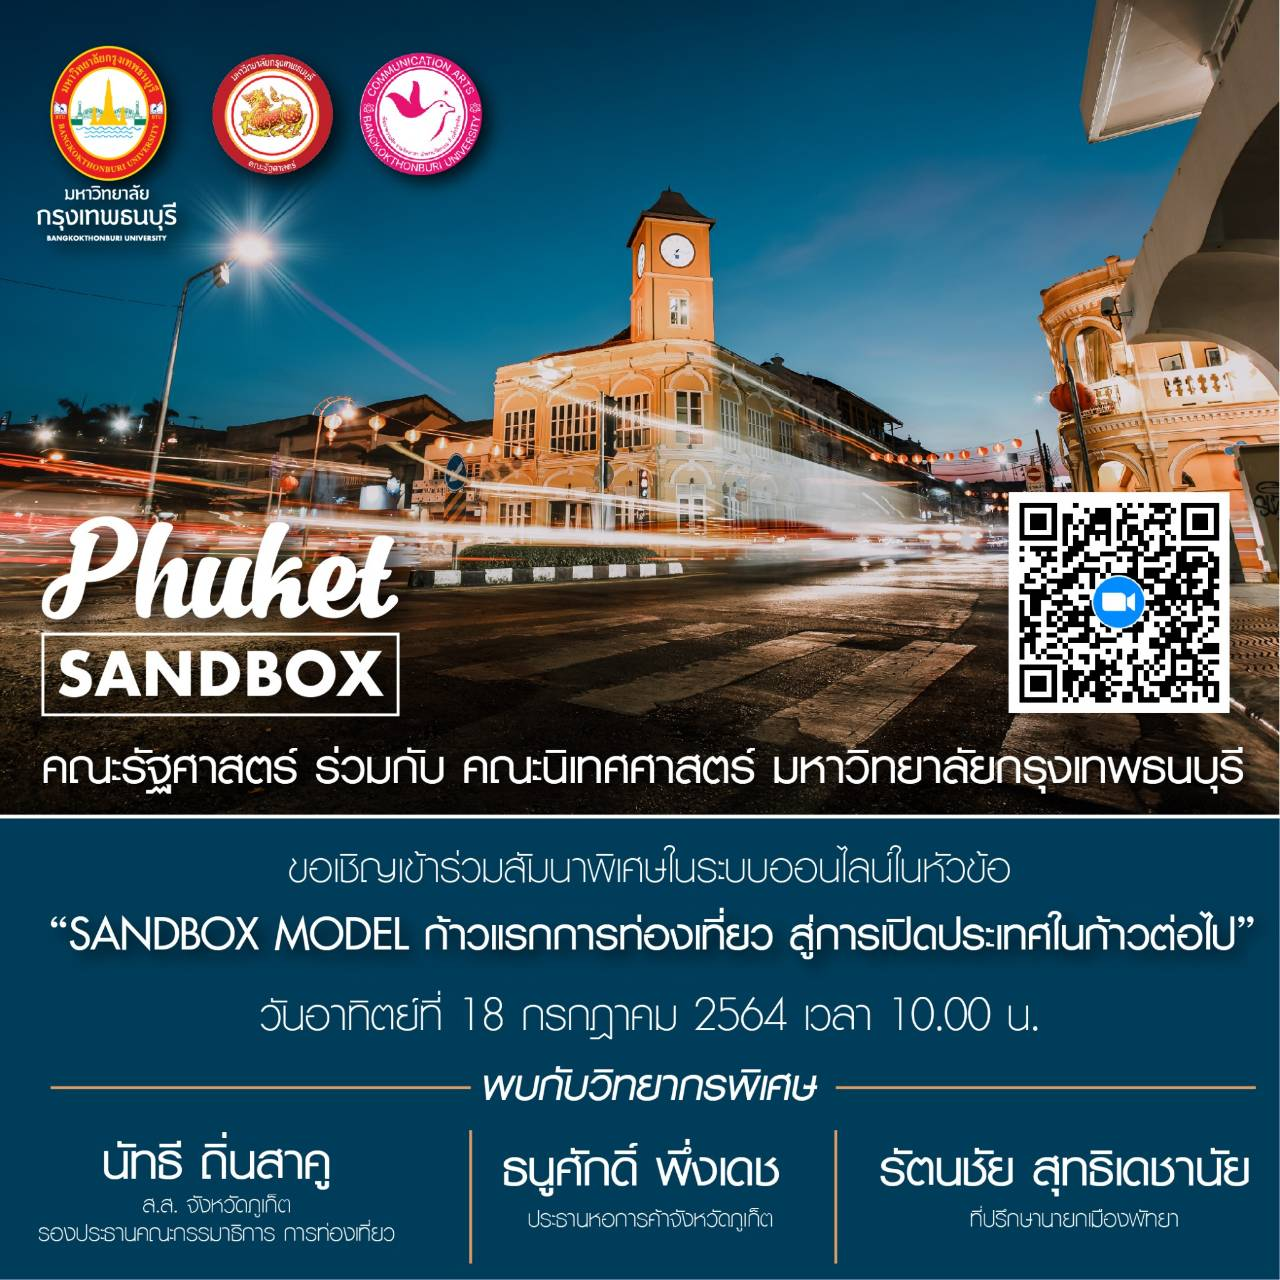 """ม.กรุงเทพธนบุรี จัดสัมมนา """"SANDBOX MODEL ก้าวแรกการท่องเที่ยว สู่การเปิดประเทศ ในก้าวต่อไป เข้าฟังออนไลน์ฟรี"""